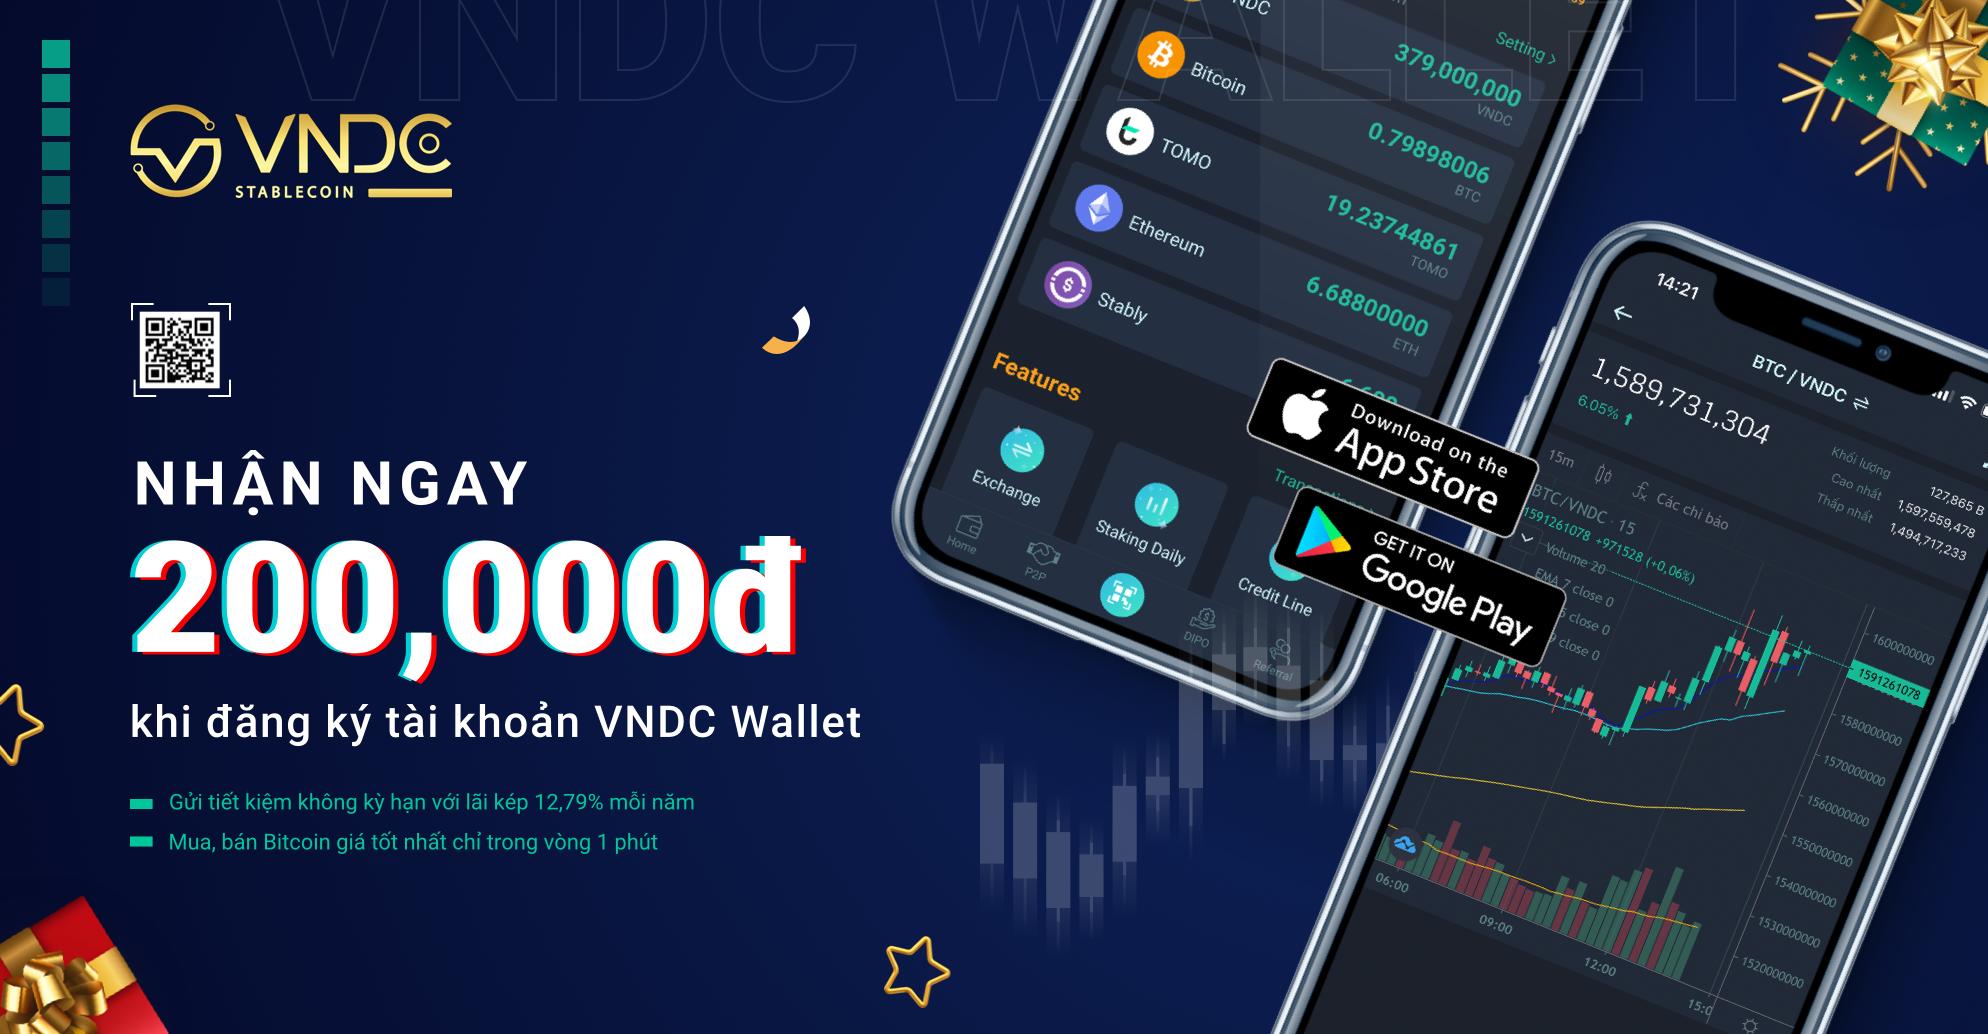 Khởi động chương trình tặng 200,000 VNDC khi đăng ký tài khoản VNDC Wallet